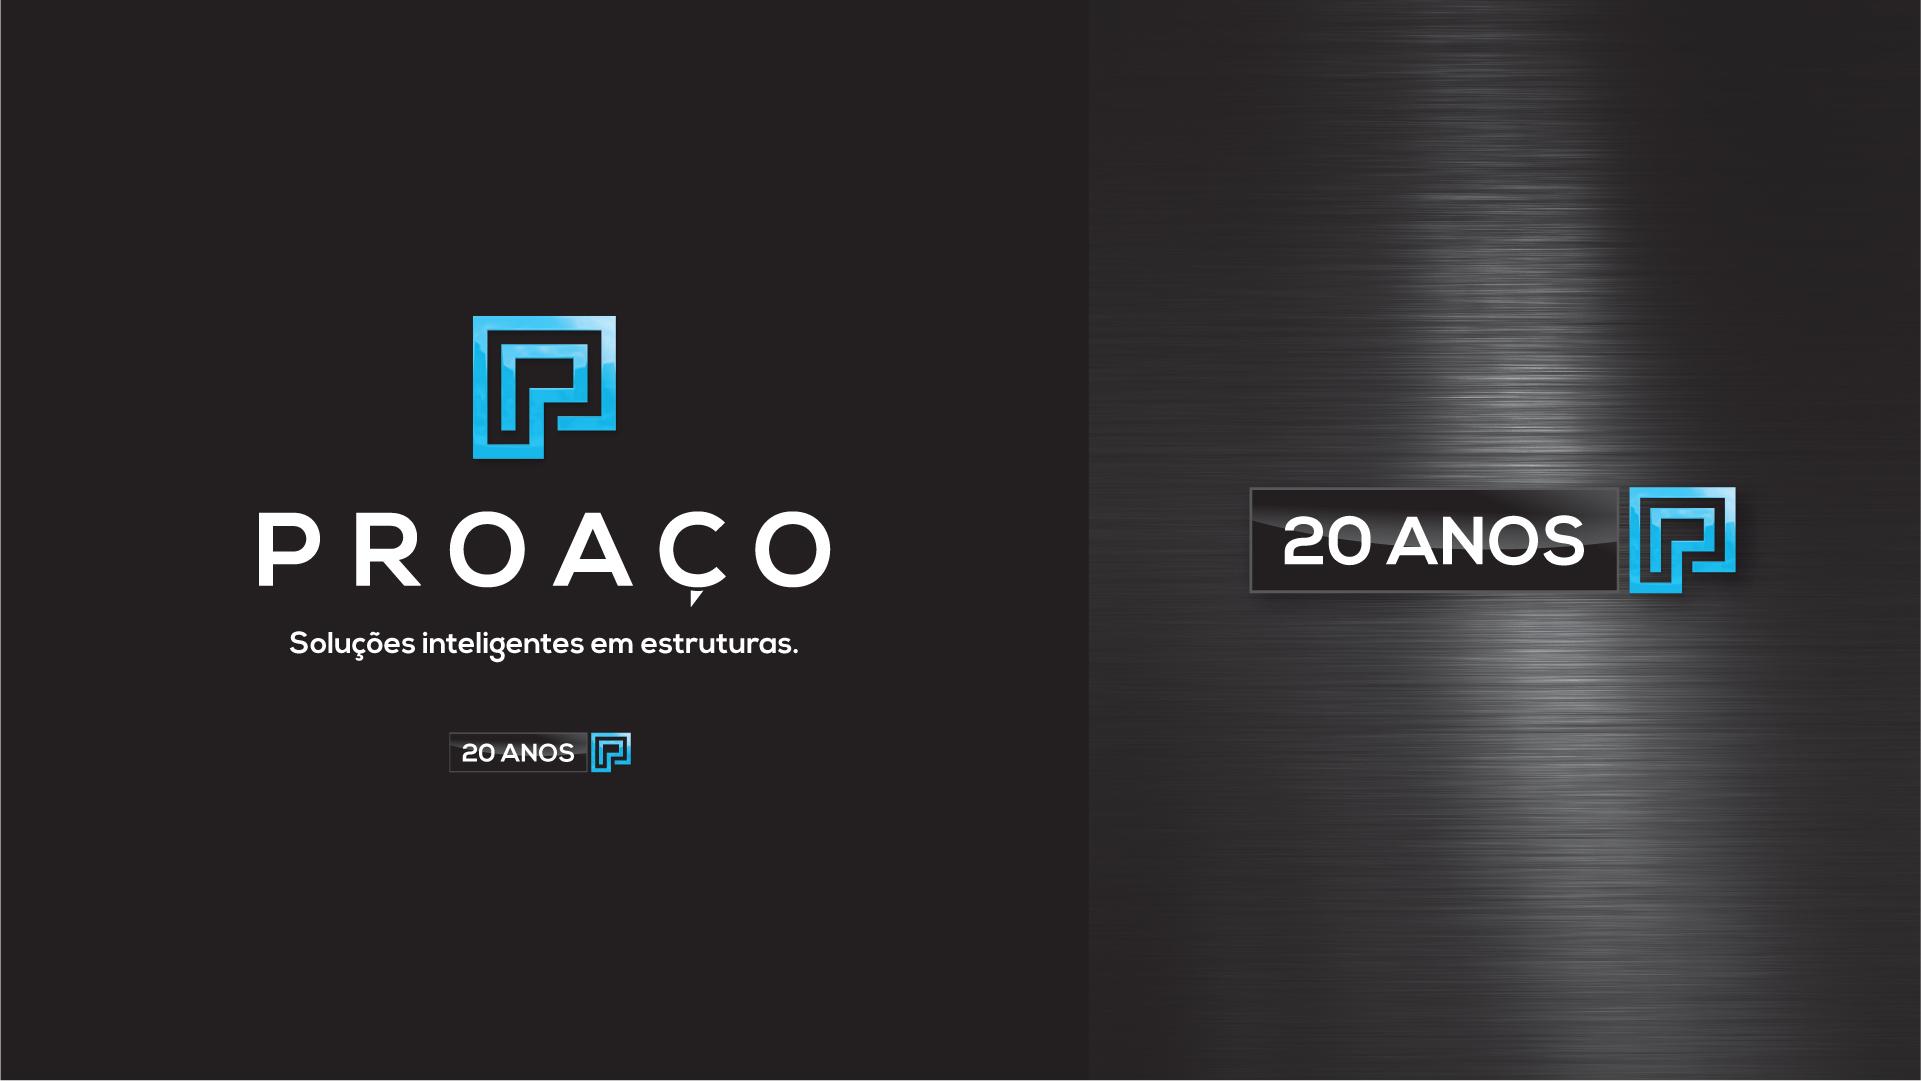 10190_Proaço_Logotipo 20 ANOS APRESENTAÇÃO-01-01.jpg